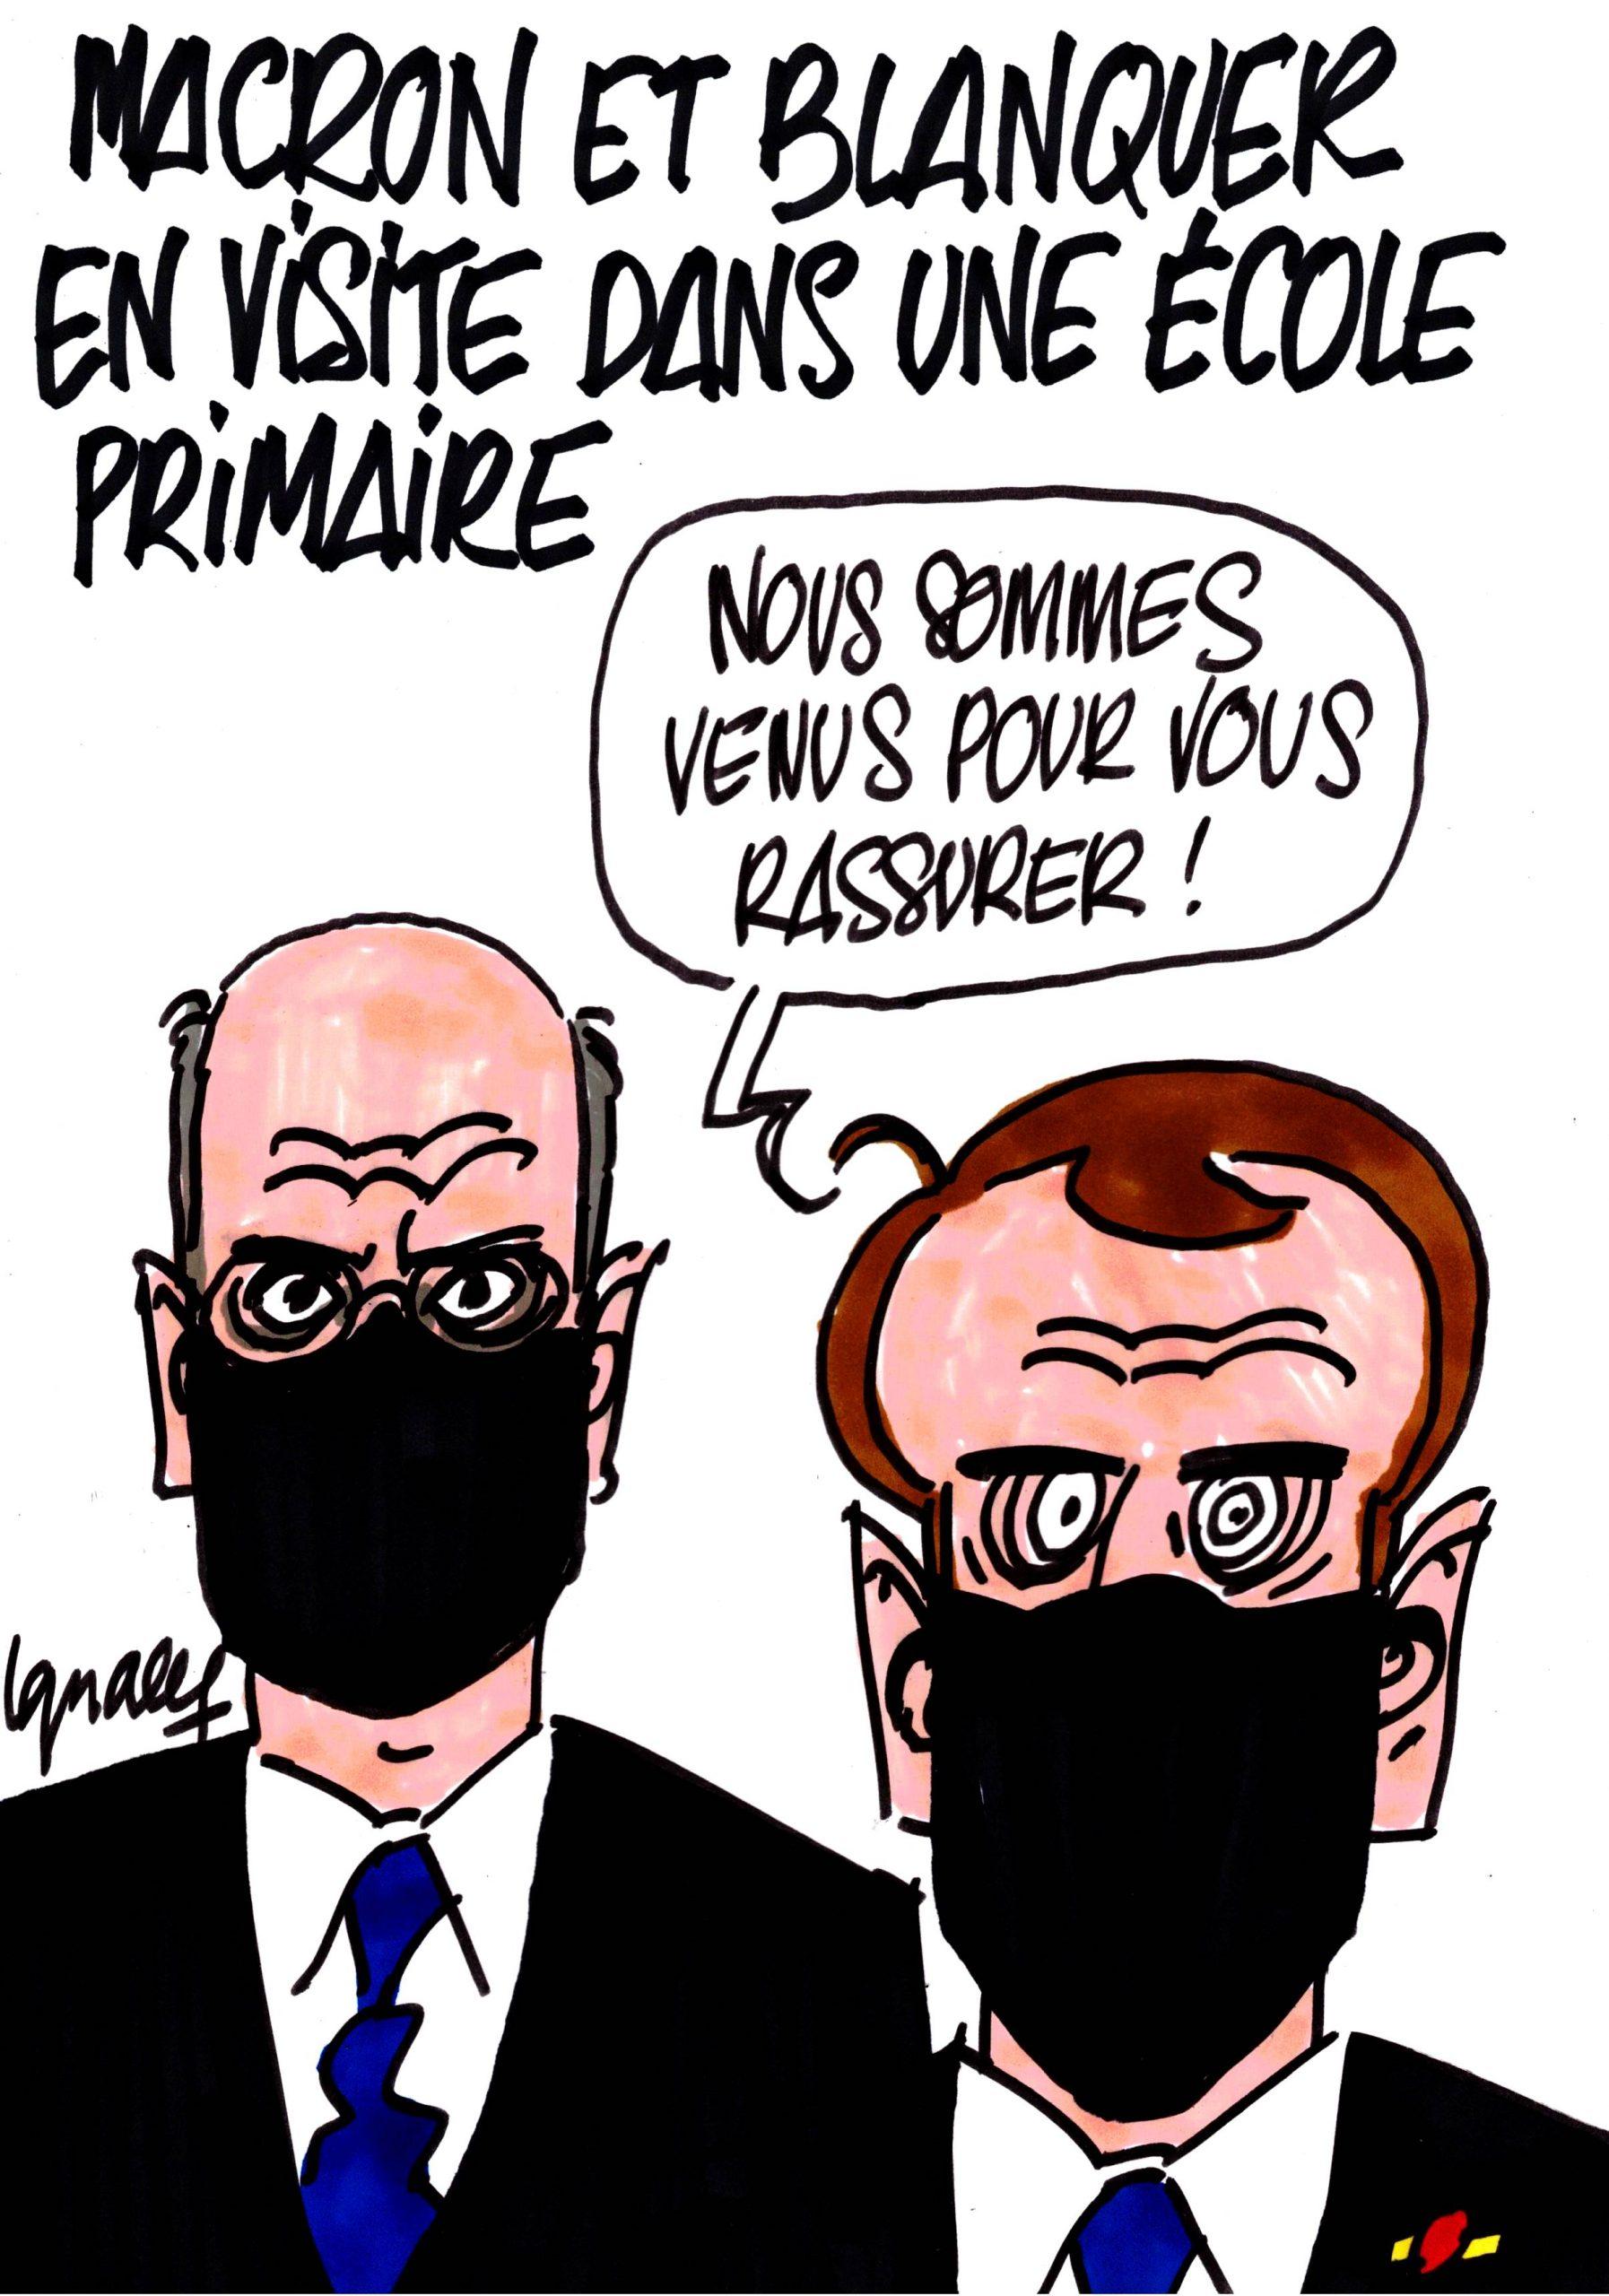 Ignace - Macron et Blanquer en visite dans une école primaire